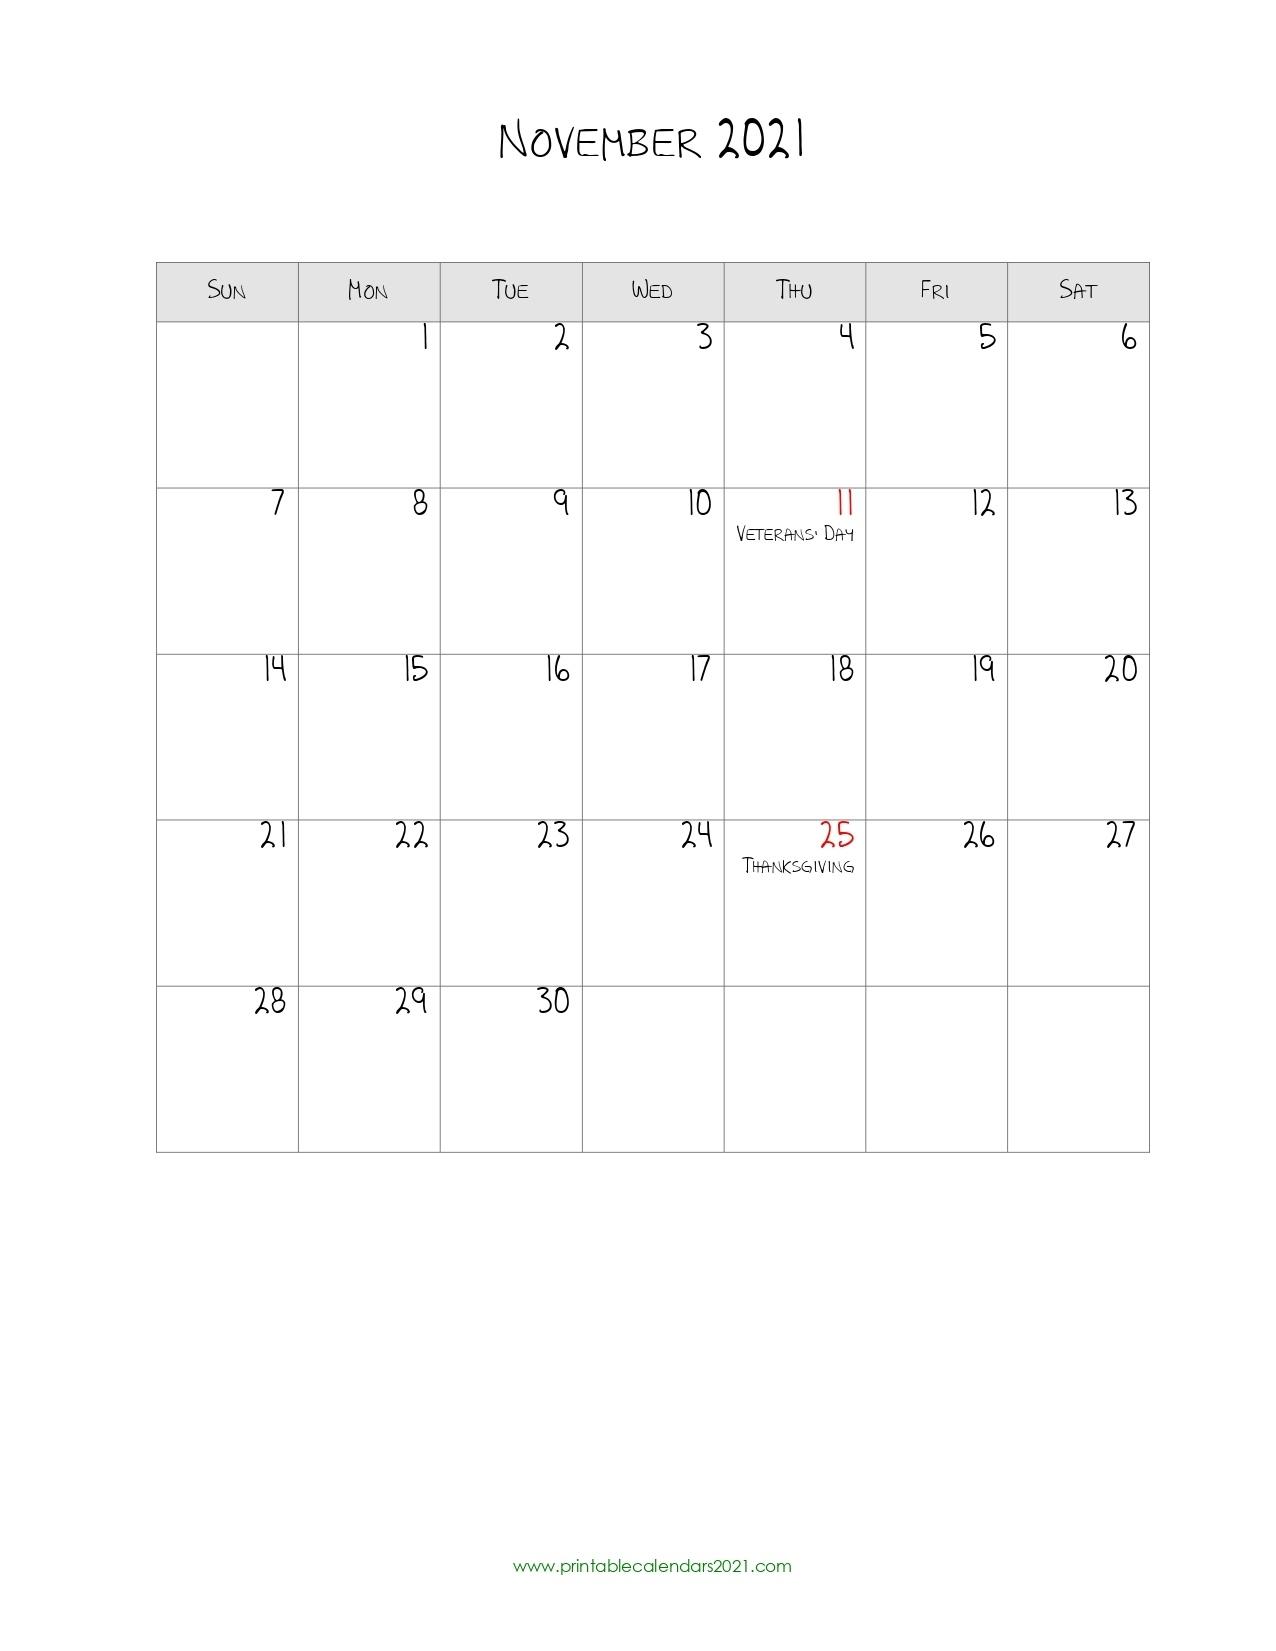 44+ November 2021 Calendar Printable, November 2021 Calendar Pdf Printable Calendar For November 2021